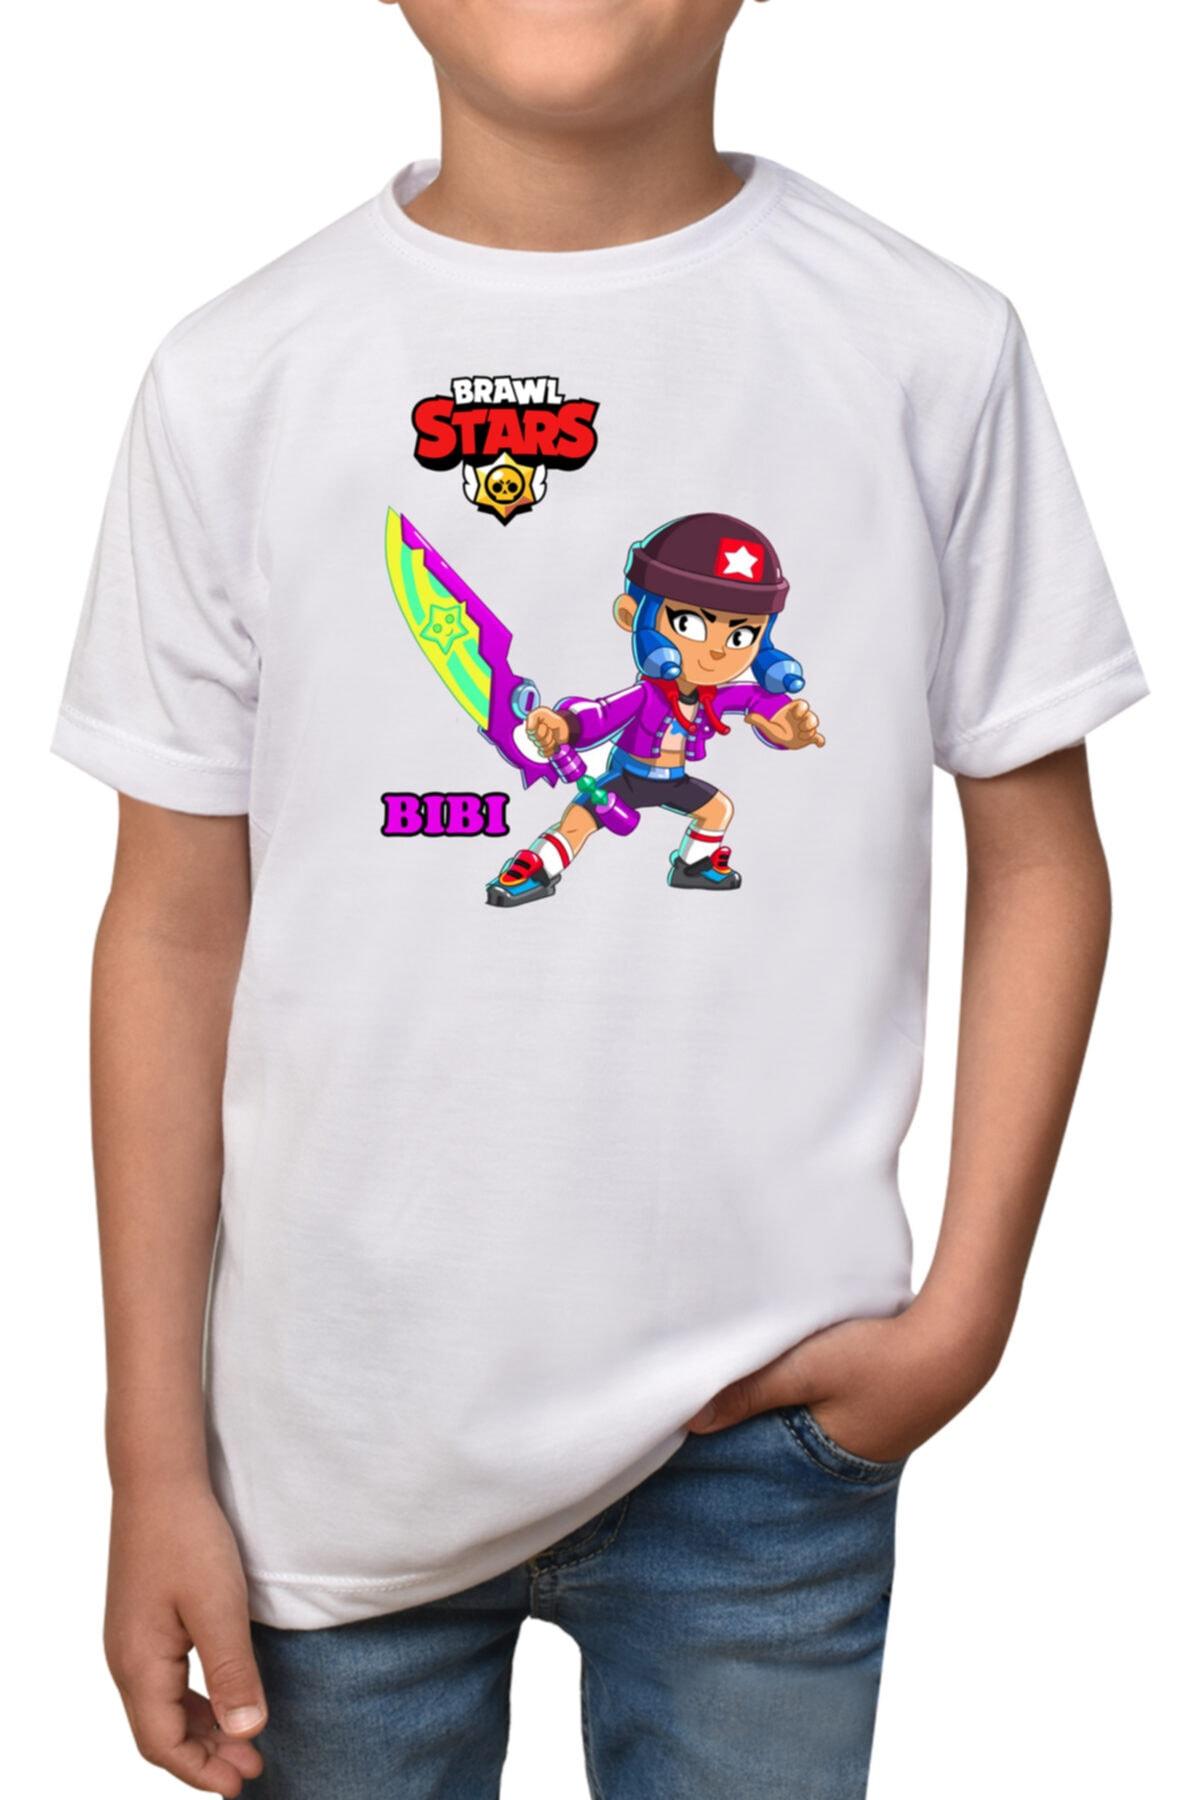 Brawl Stars - Bibi- Beyaz Çocuk -  T-shirt T-4